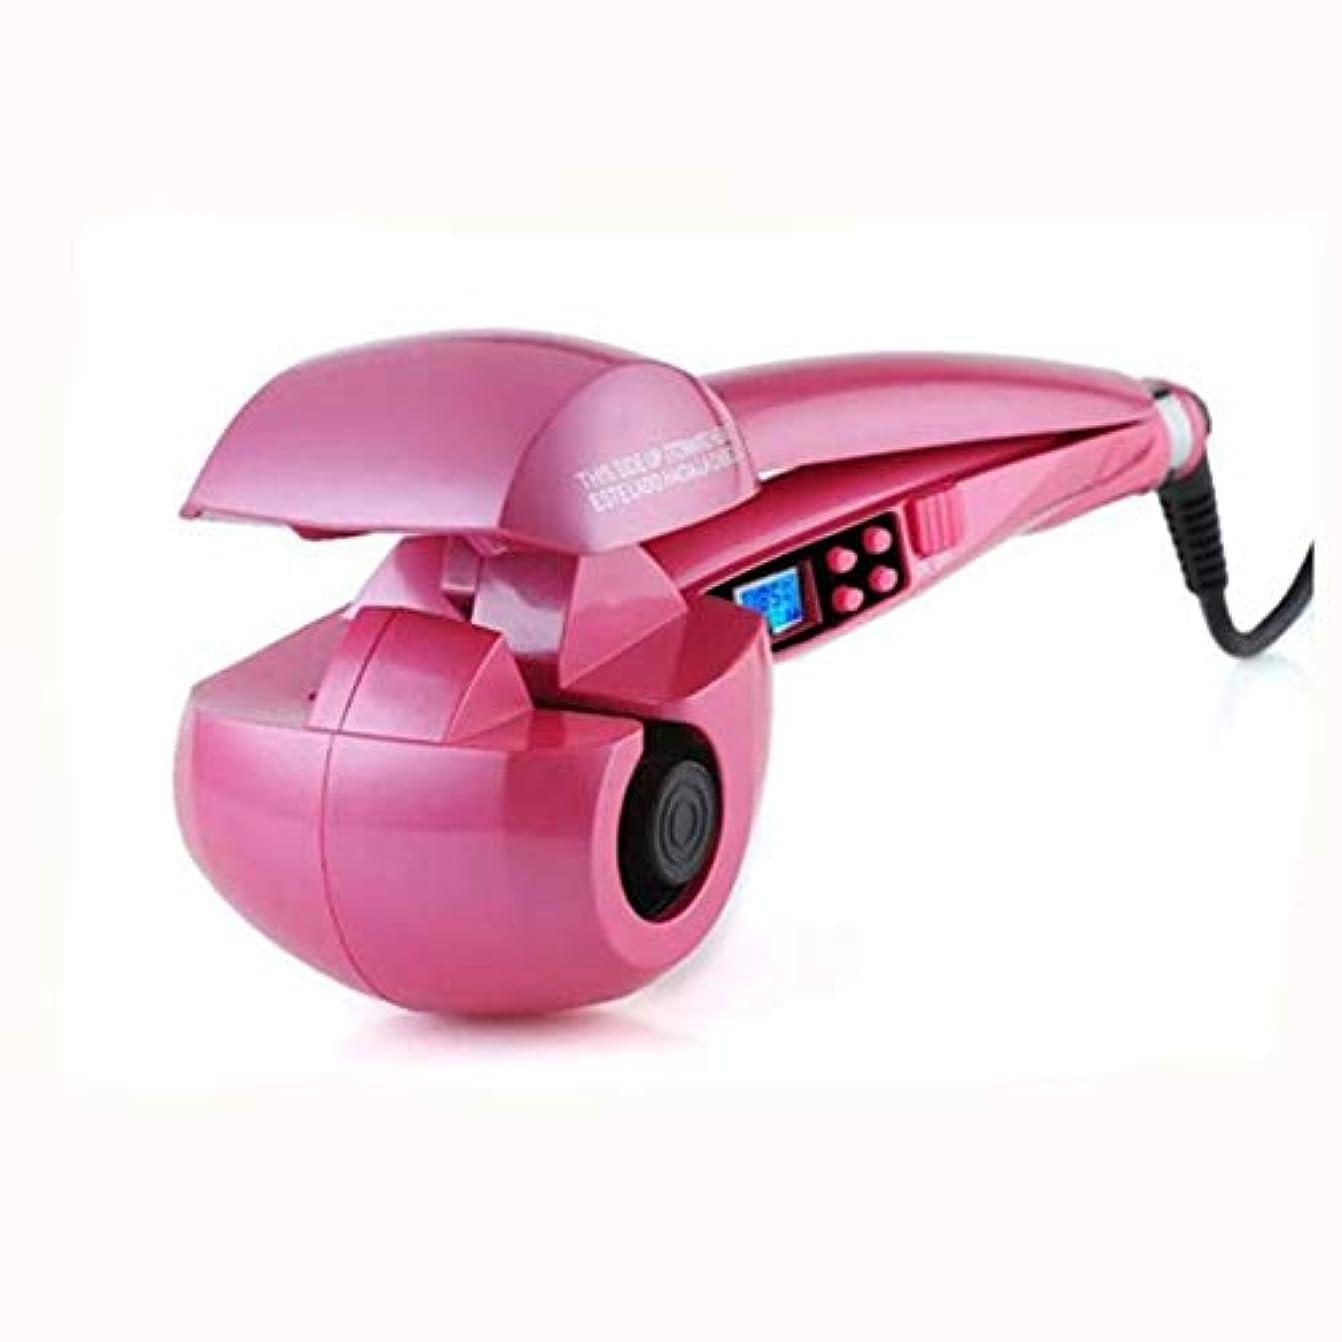 囚人死傷者スペースLcd自動カーリングアイロン温度制御トルマリンセラミック360度自動カーリングシリンダーすべての髪のタイプに適した,ピンク